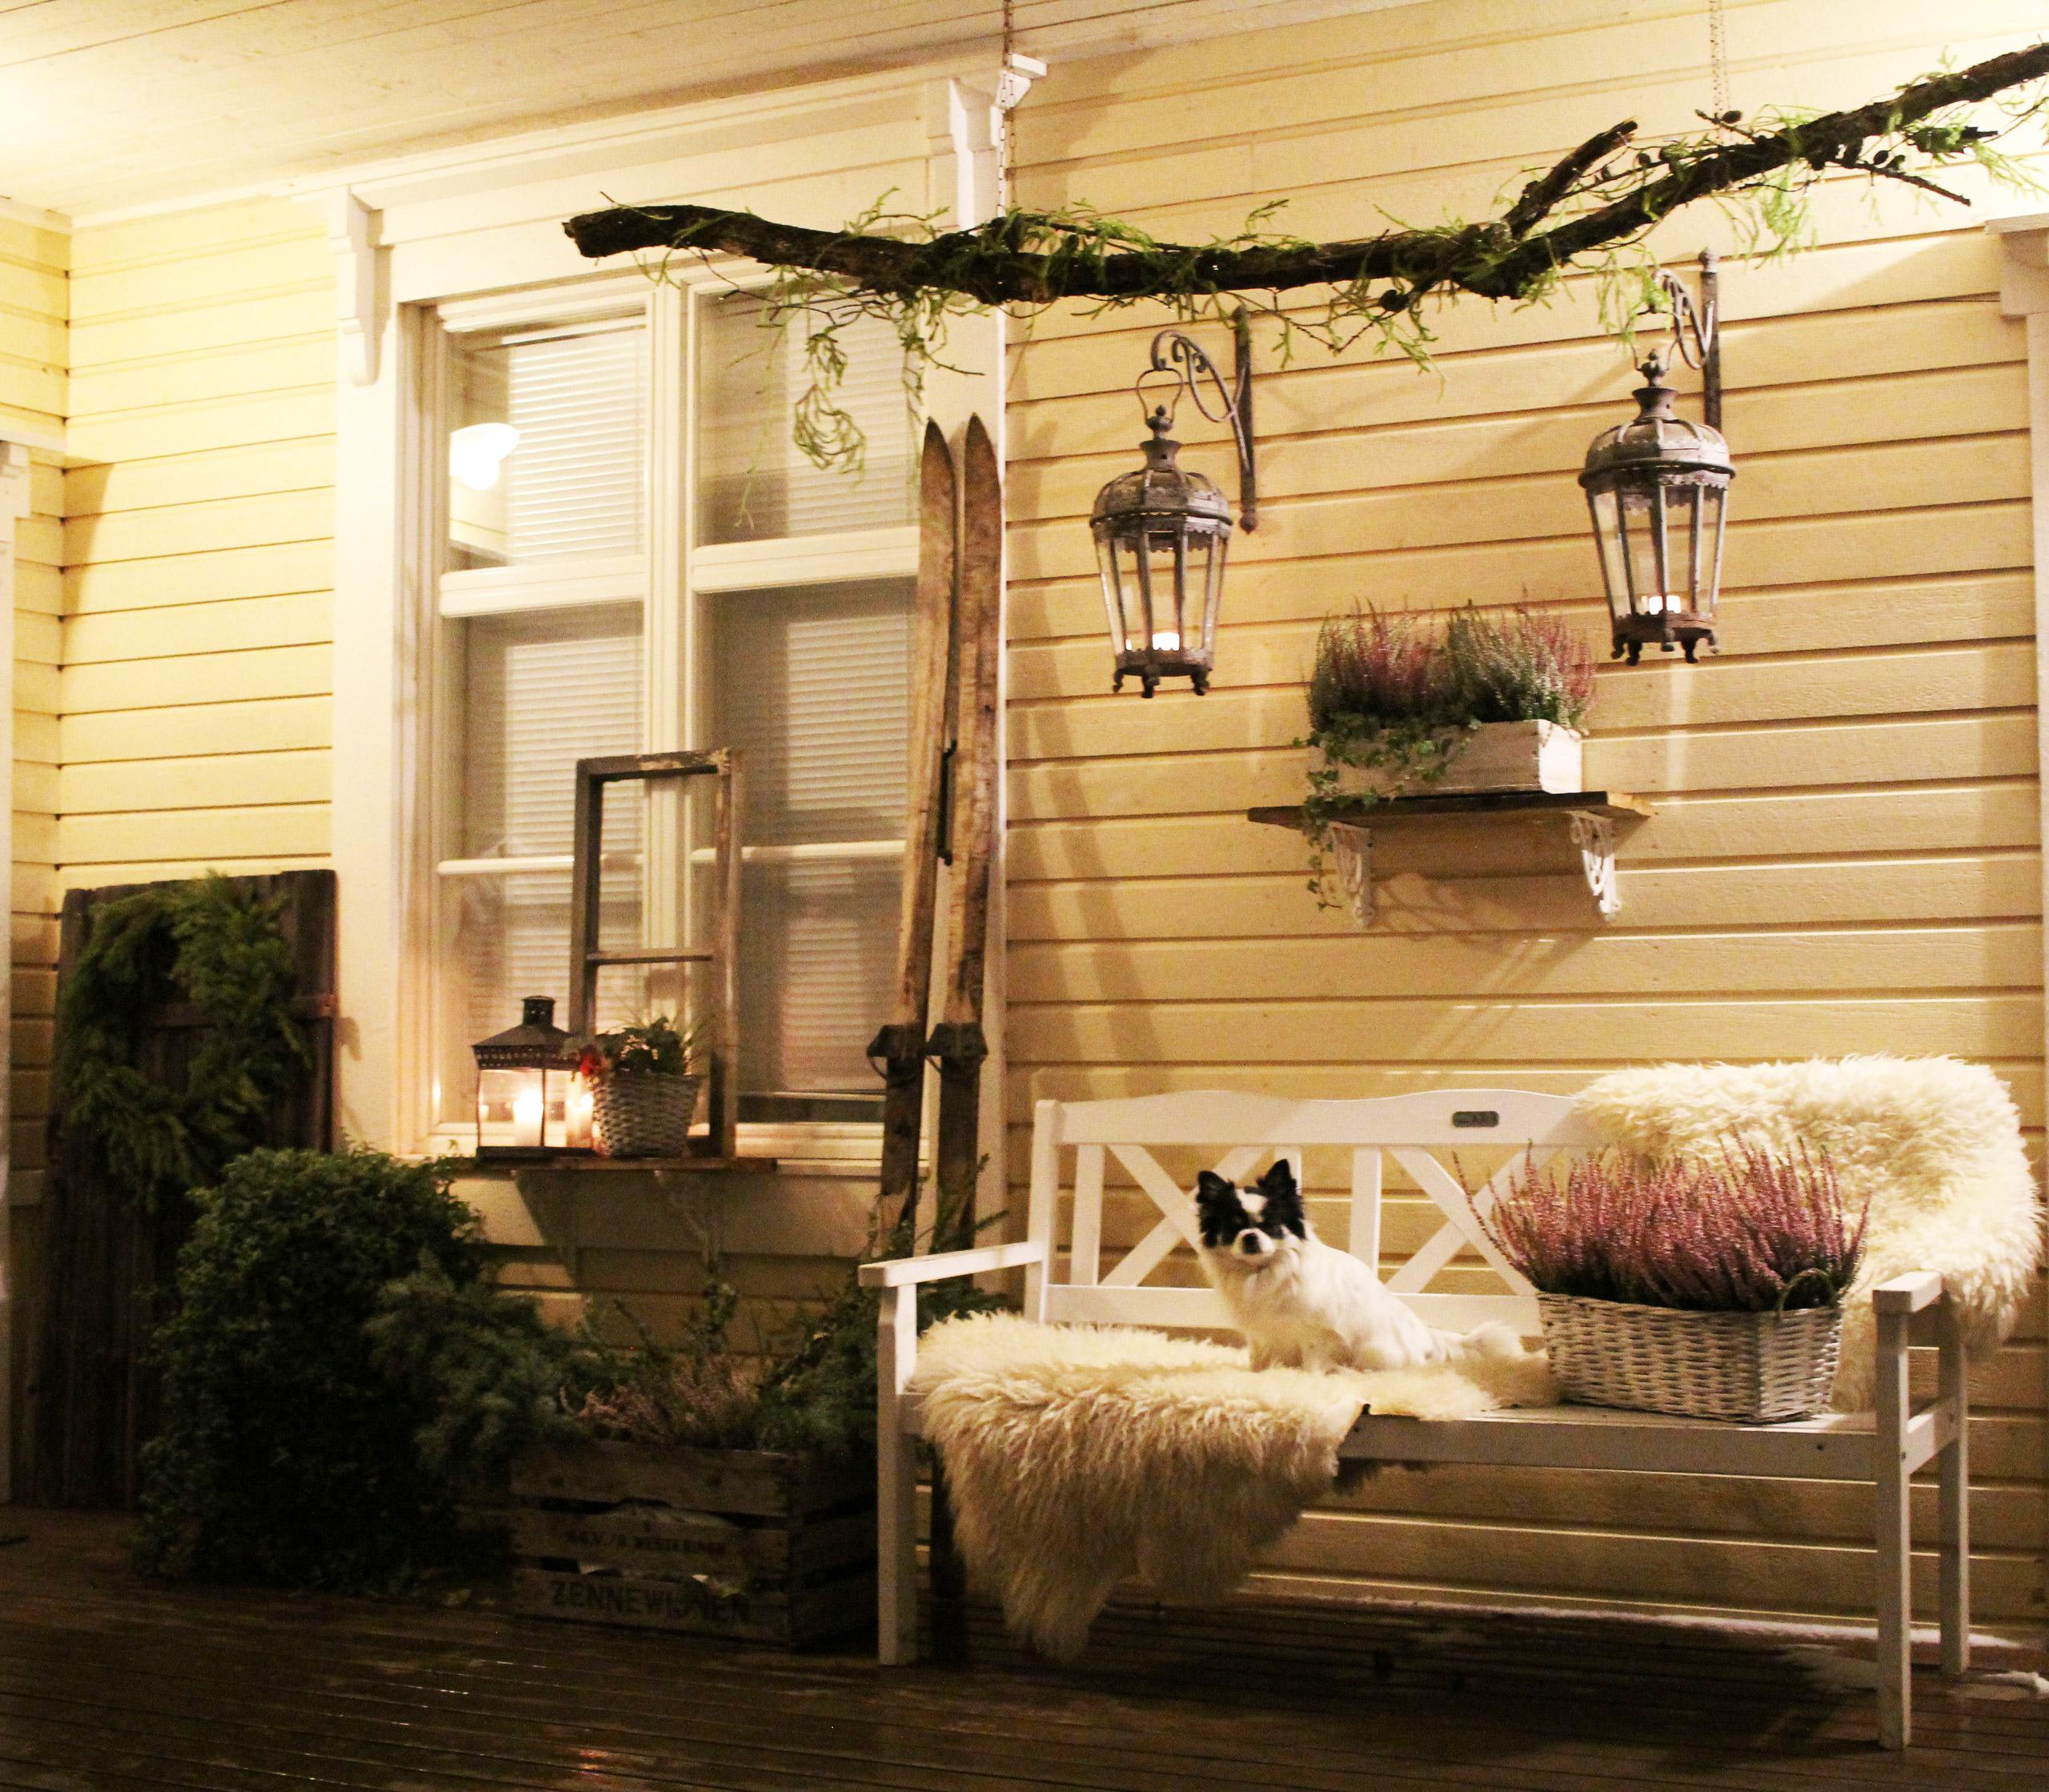 maalaisromanttinen koti terassi